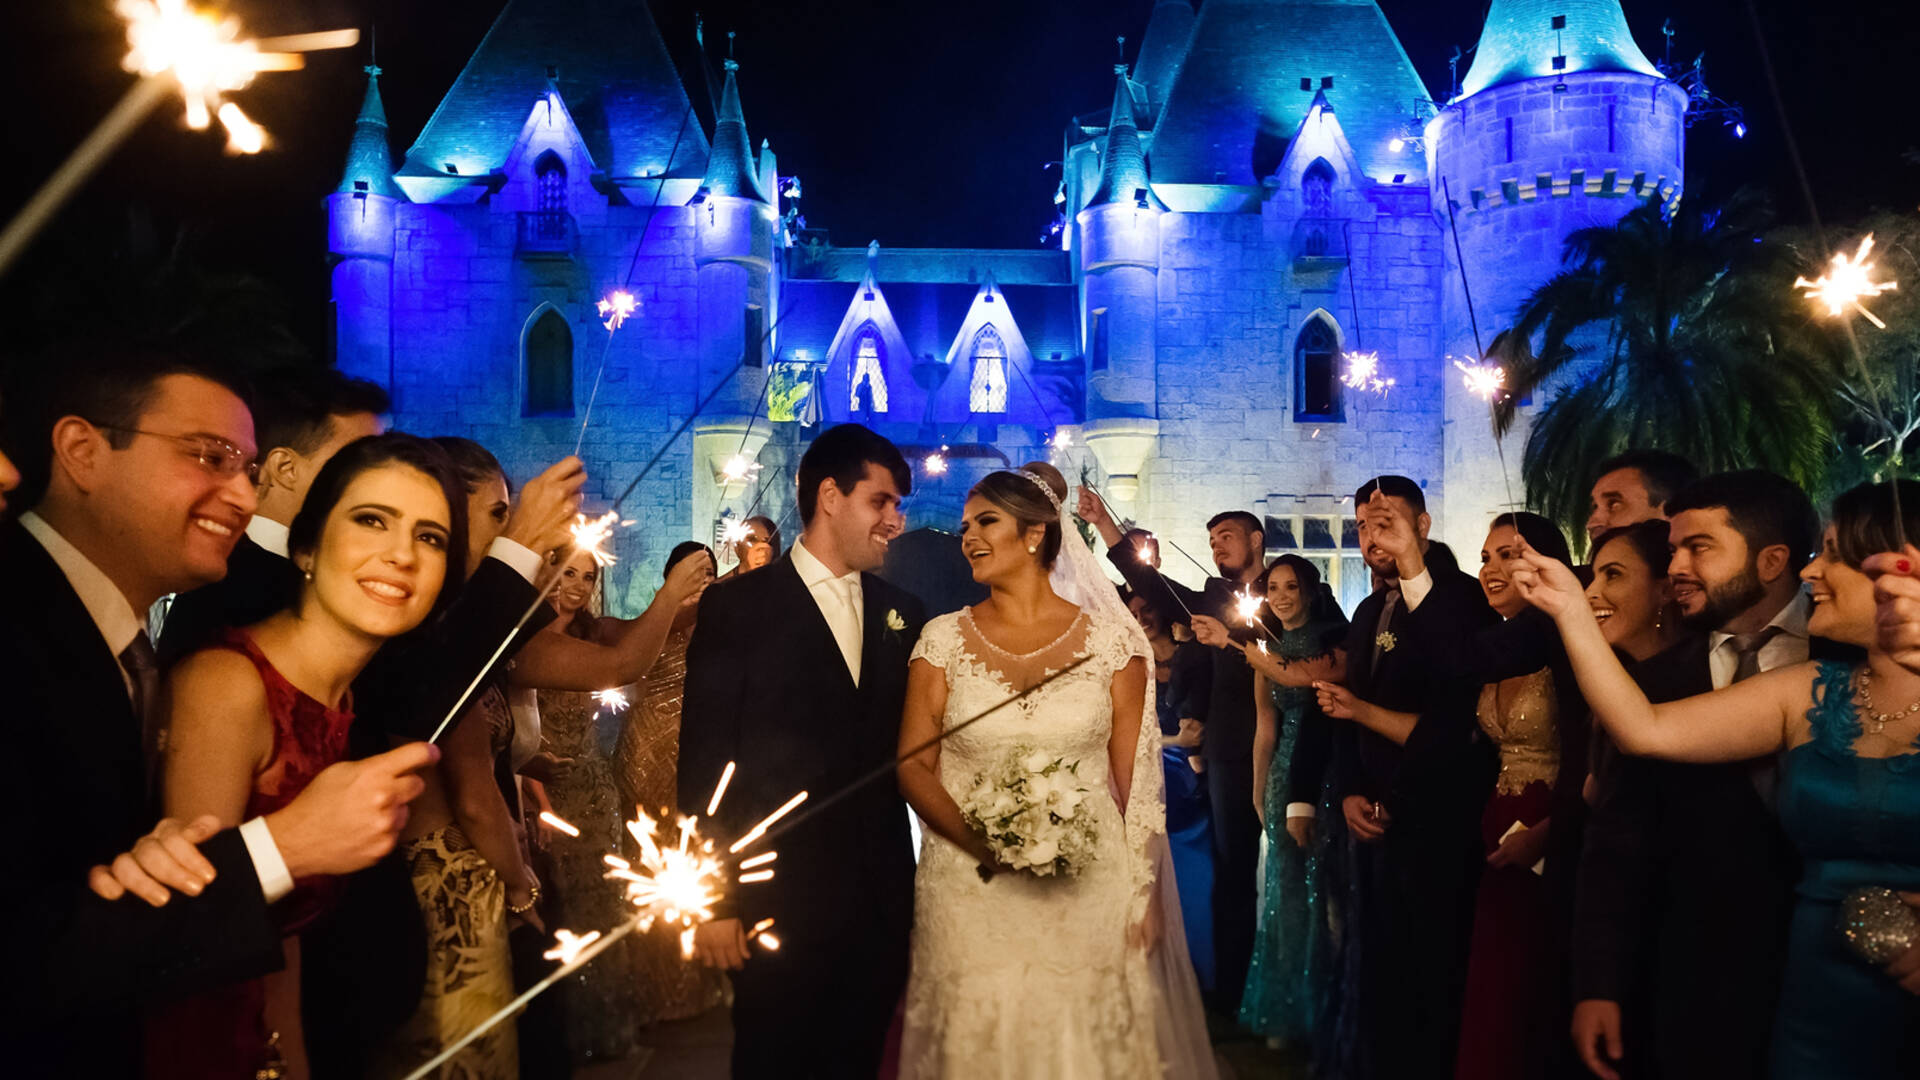 Casamentos de Castelo de Itaipava - Tassiana e Thiago